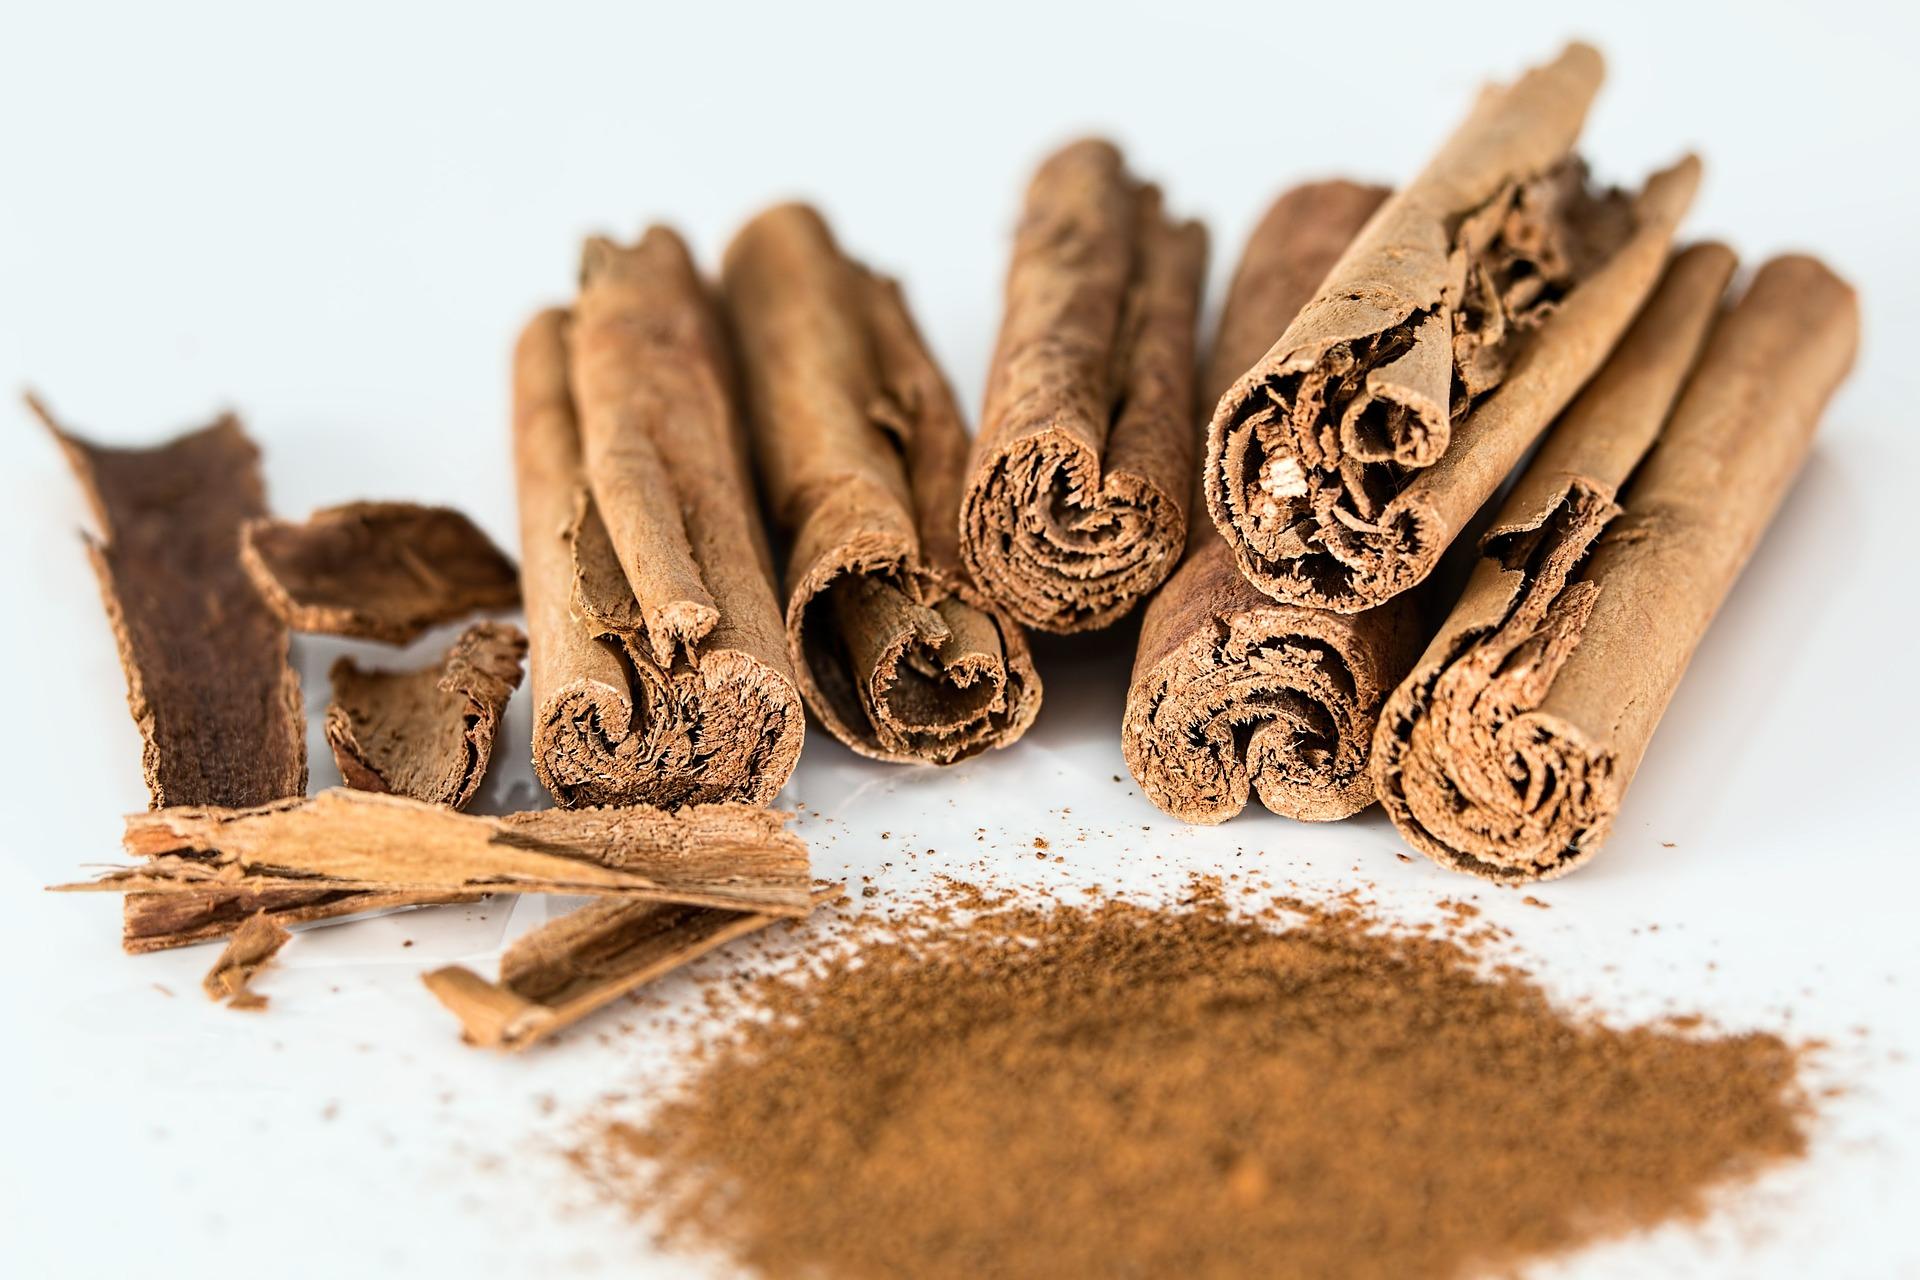 Olio essenziale di cannella: uso, proprietà cosmetiche e proprietà sulla pelle